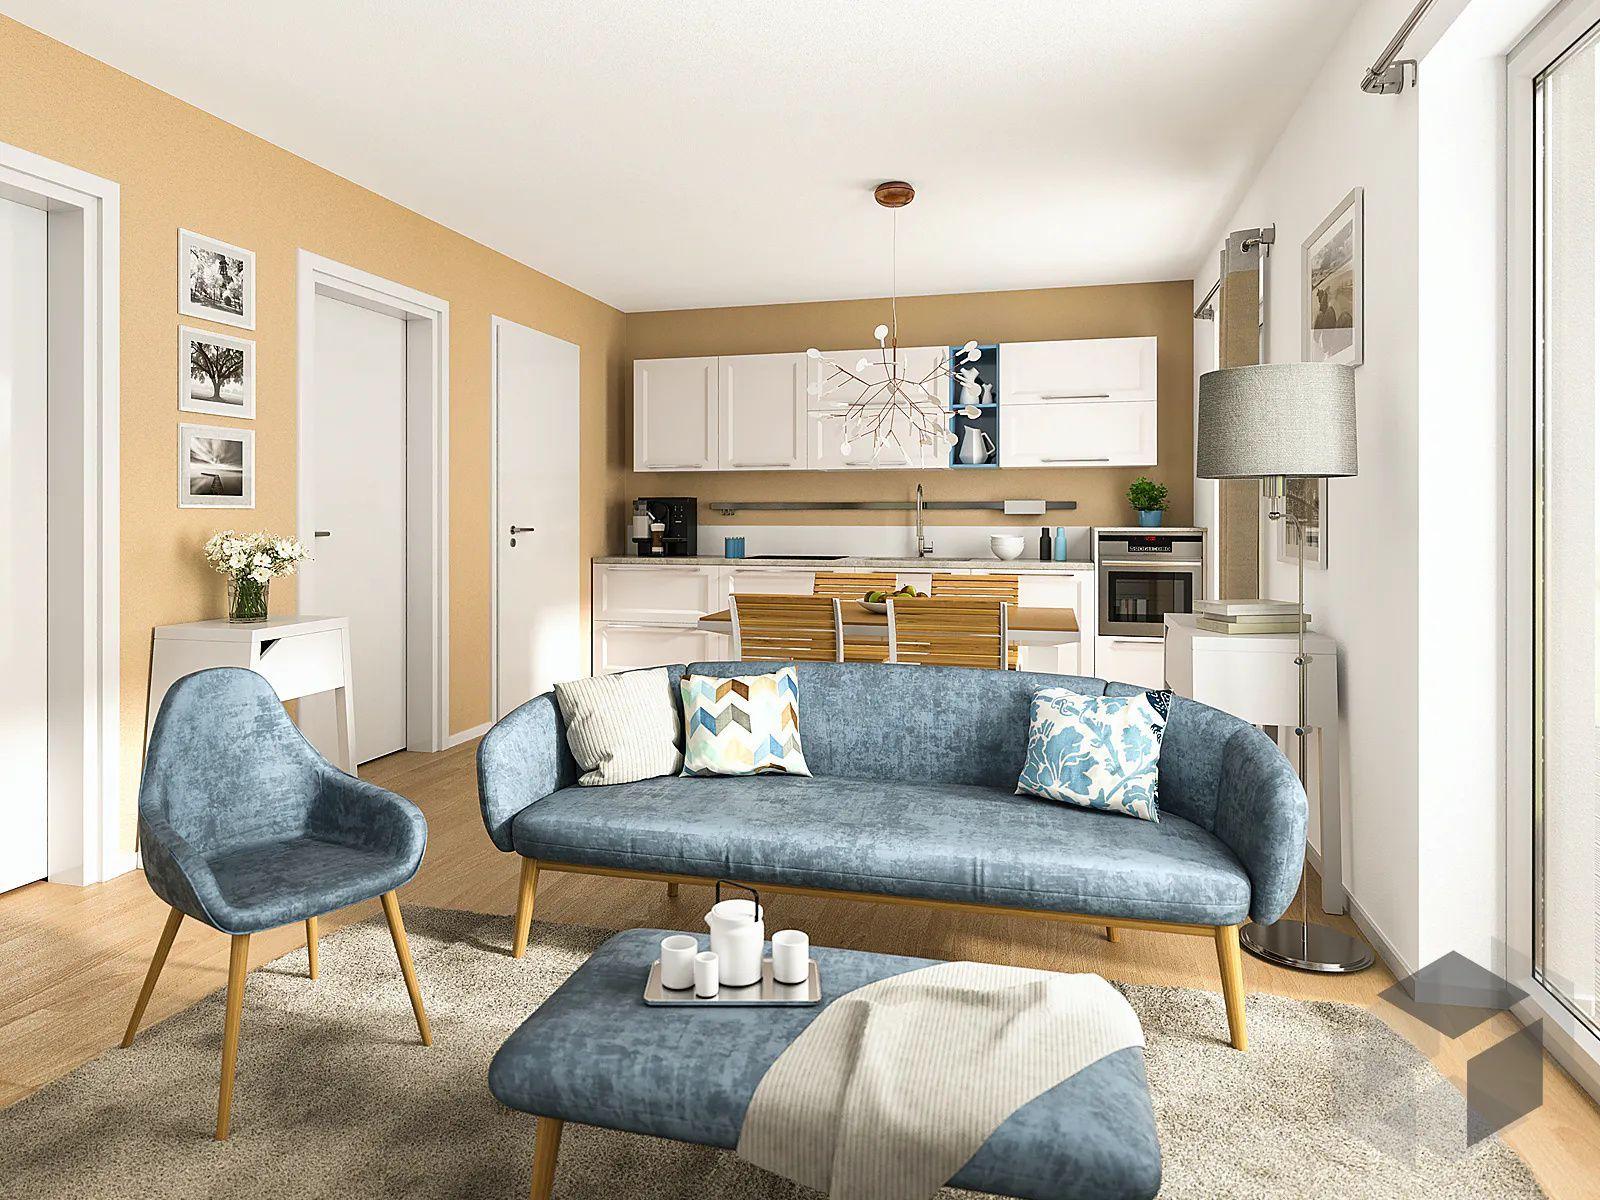 Wohnzimmer Mit Offener Kuche Klein In 2020 Wohnzimmer Einrichten Kleines Wohnzimmer Einrichten Wohnzimmer Mit Offener Kuche